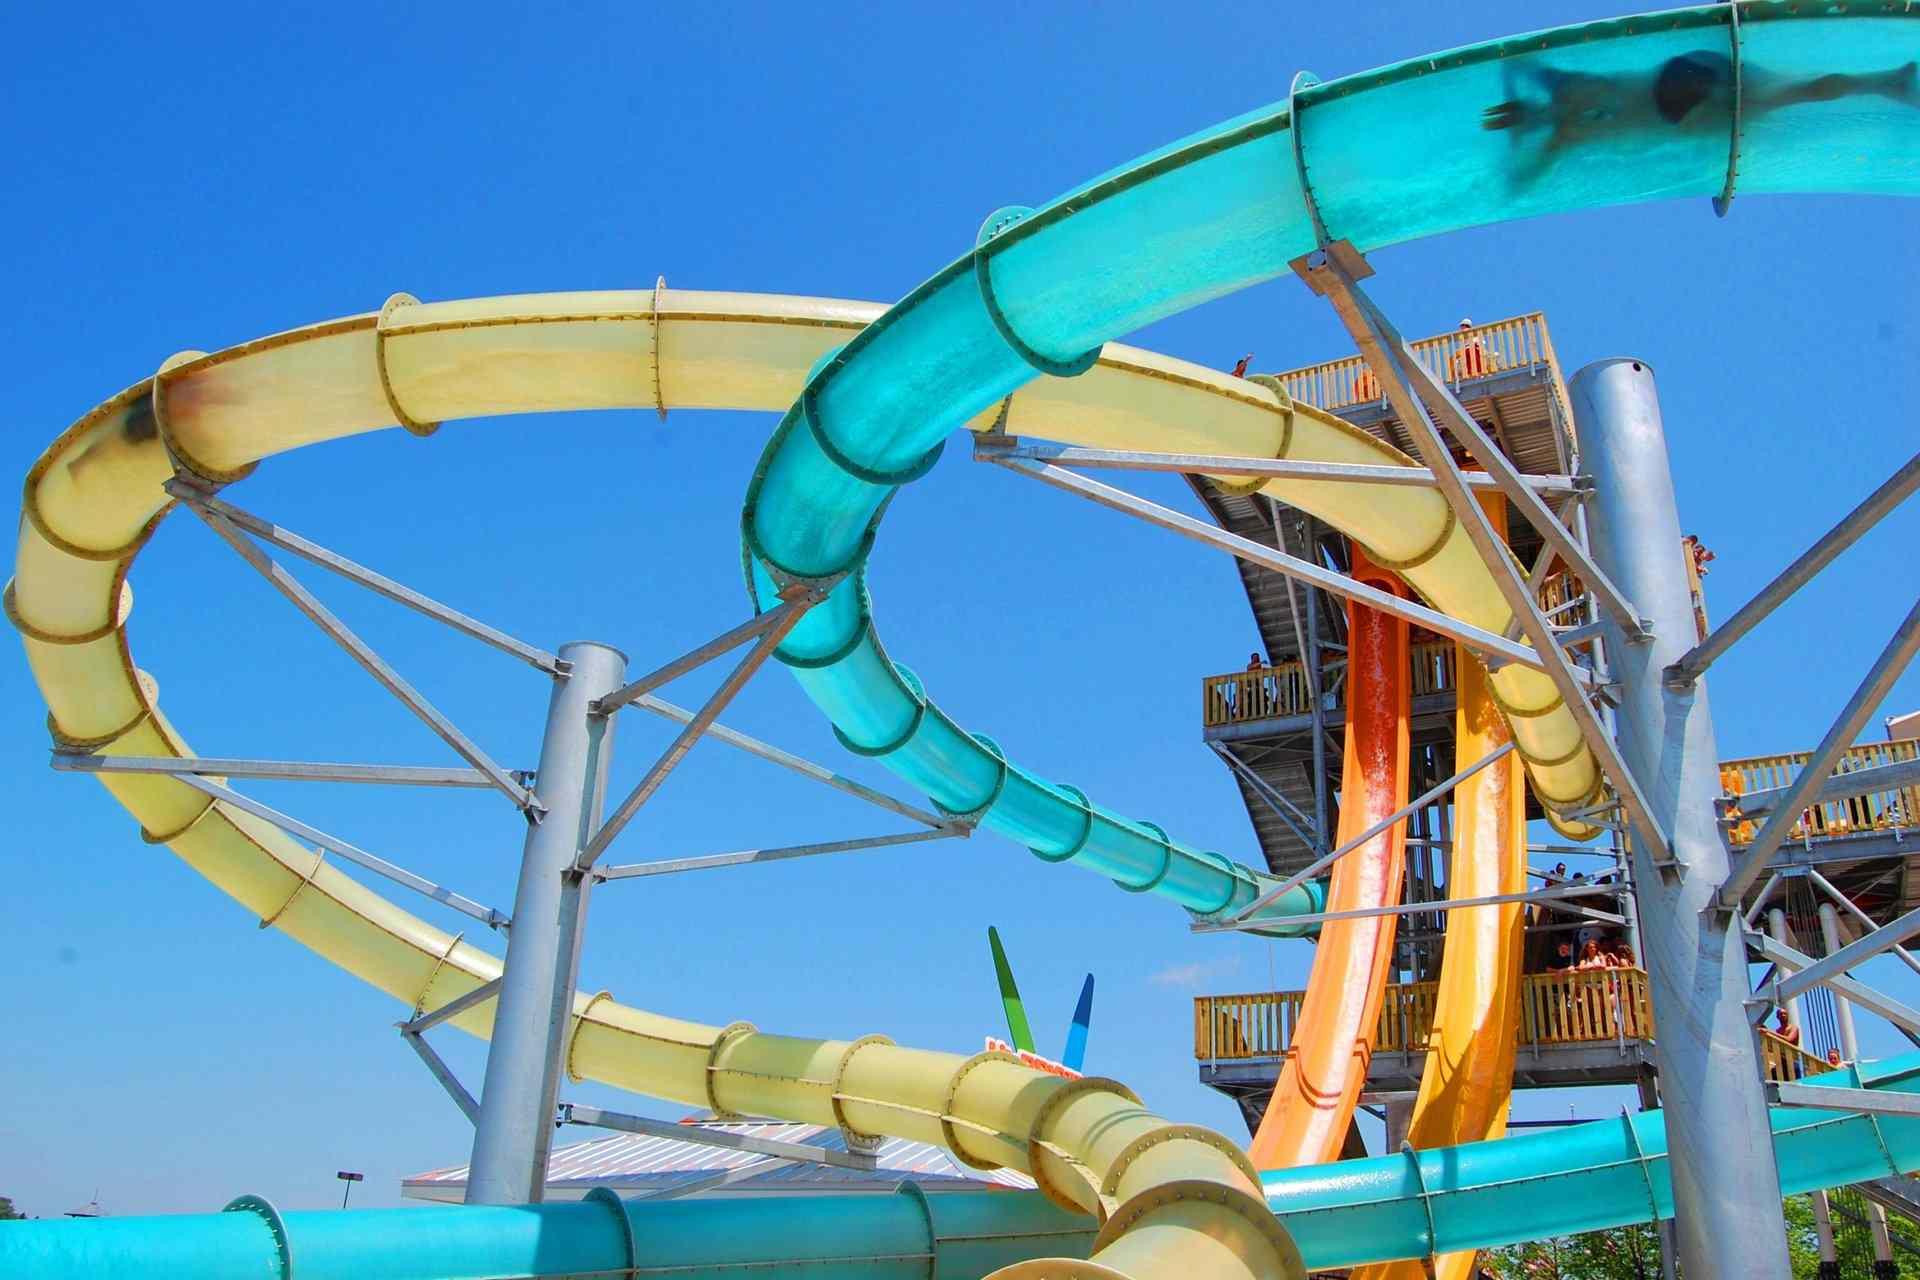 Dive Bomber slide at Six Flags Hurricane Harbor Chicago in Gurnee